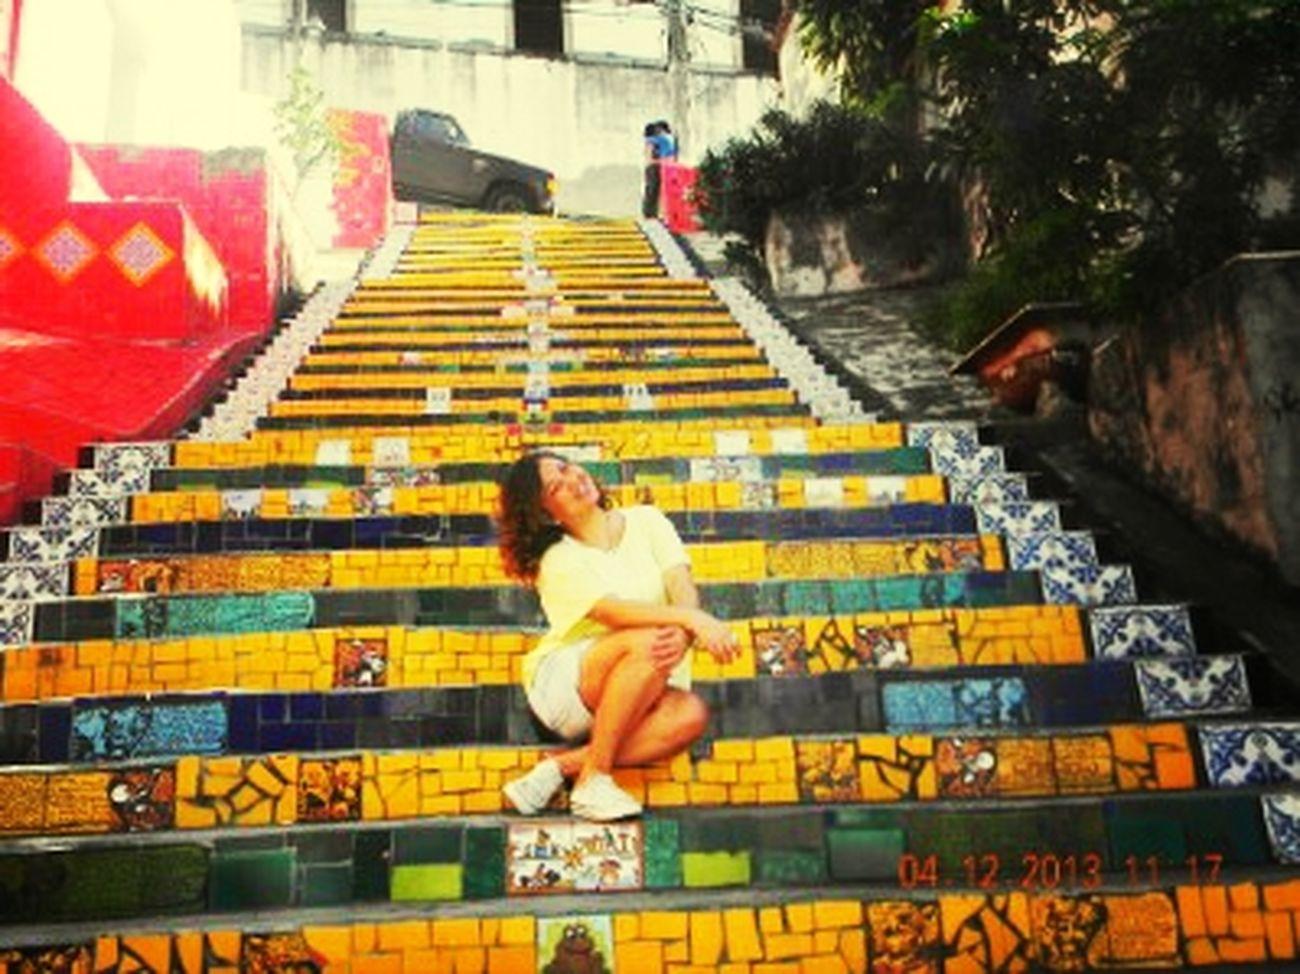 I love Rio de Janeiro.